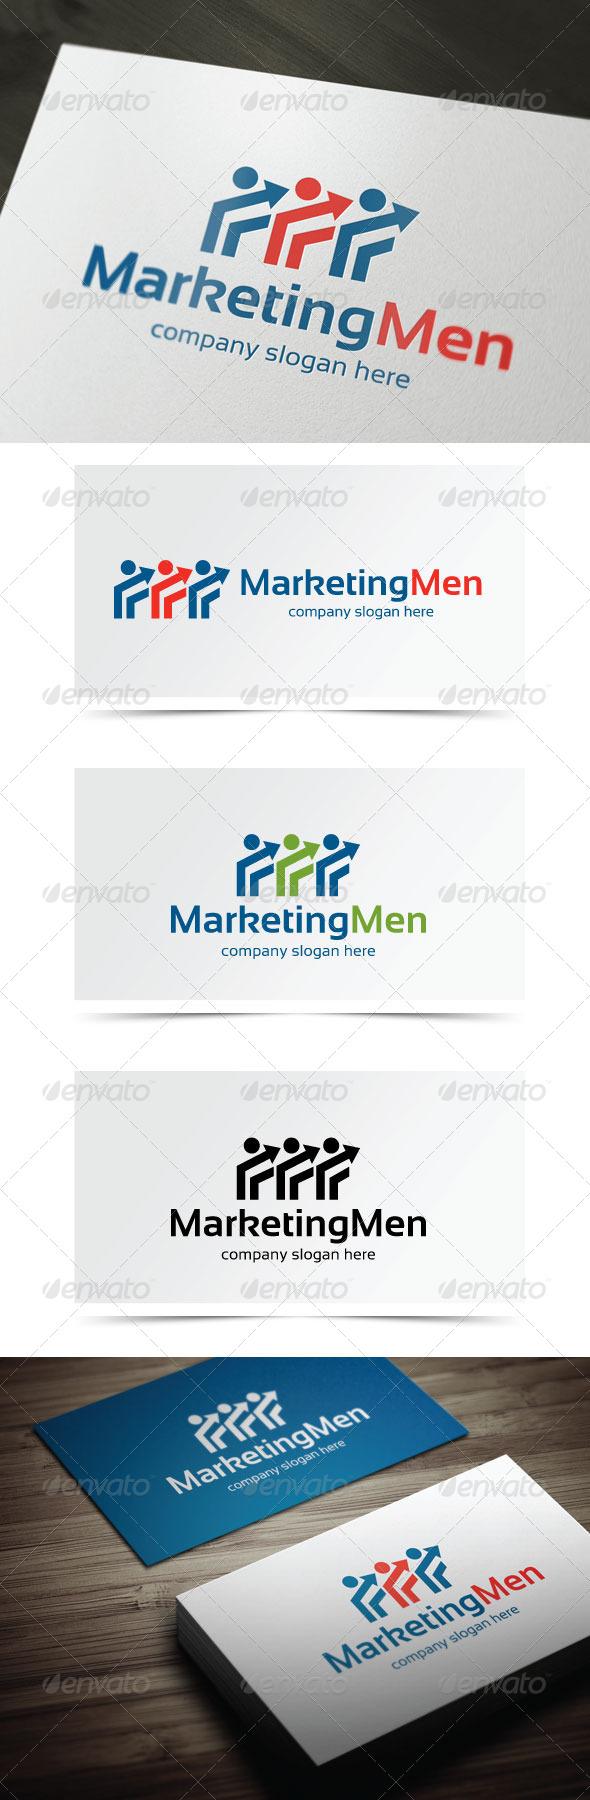 GraphicRiver Marketing Men 5524094